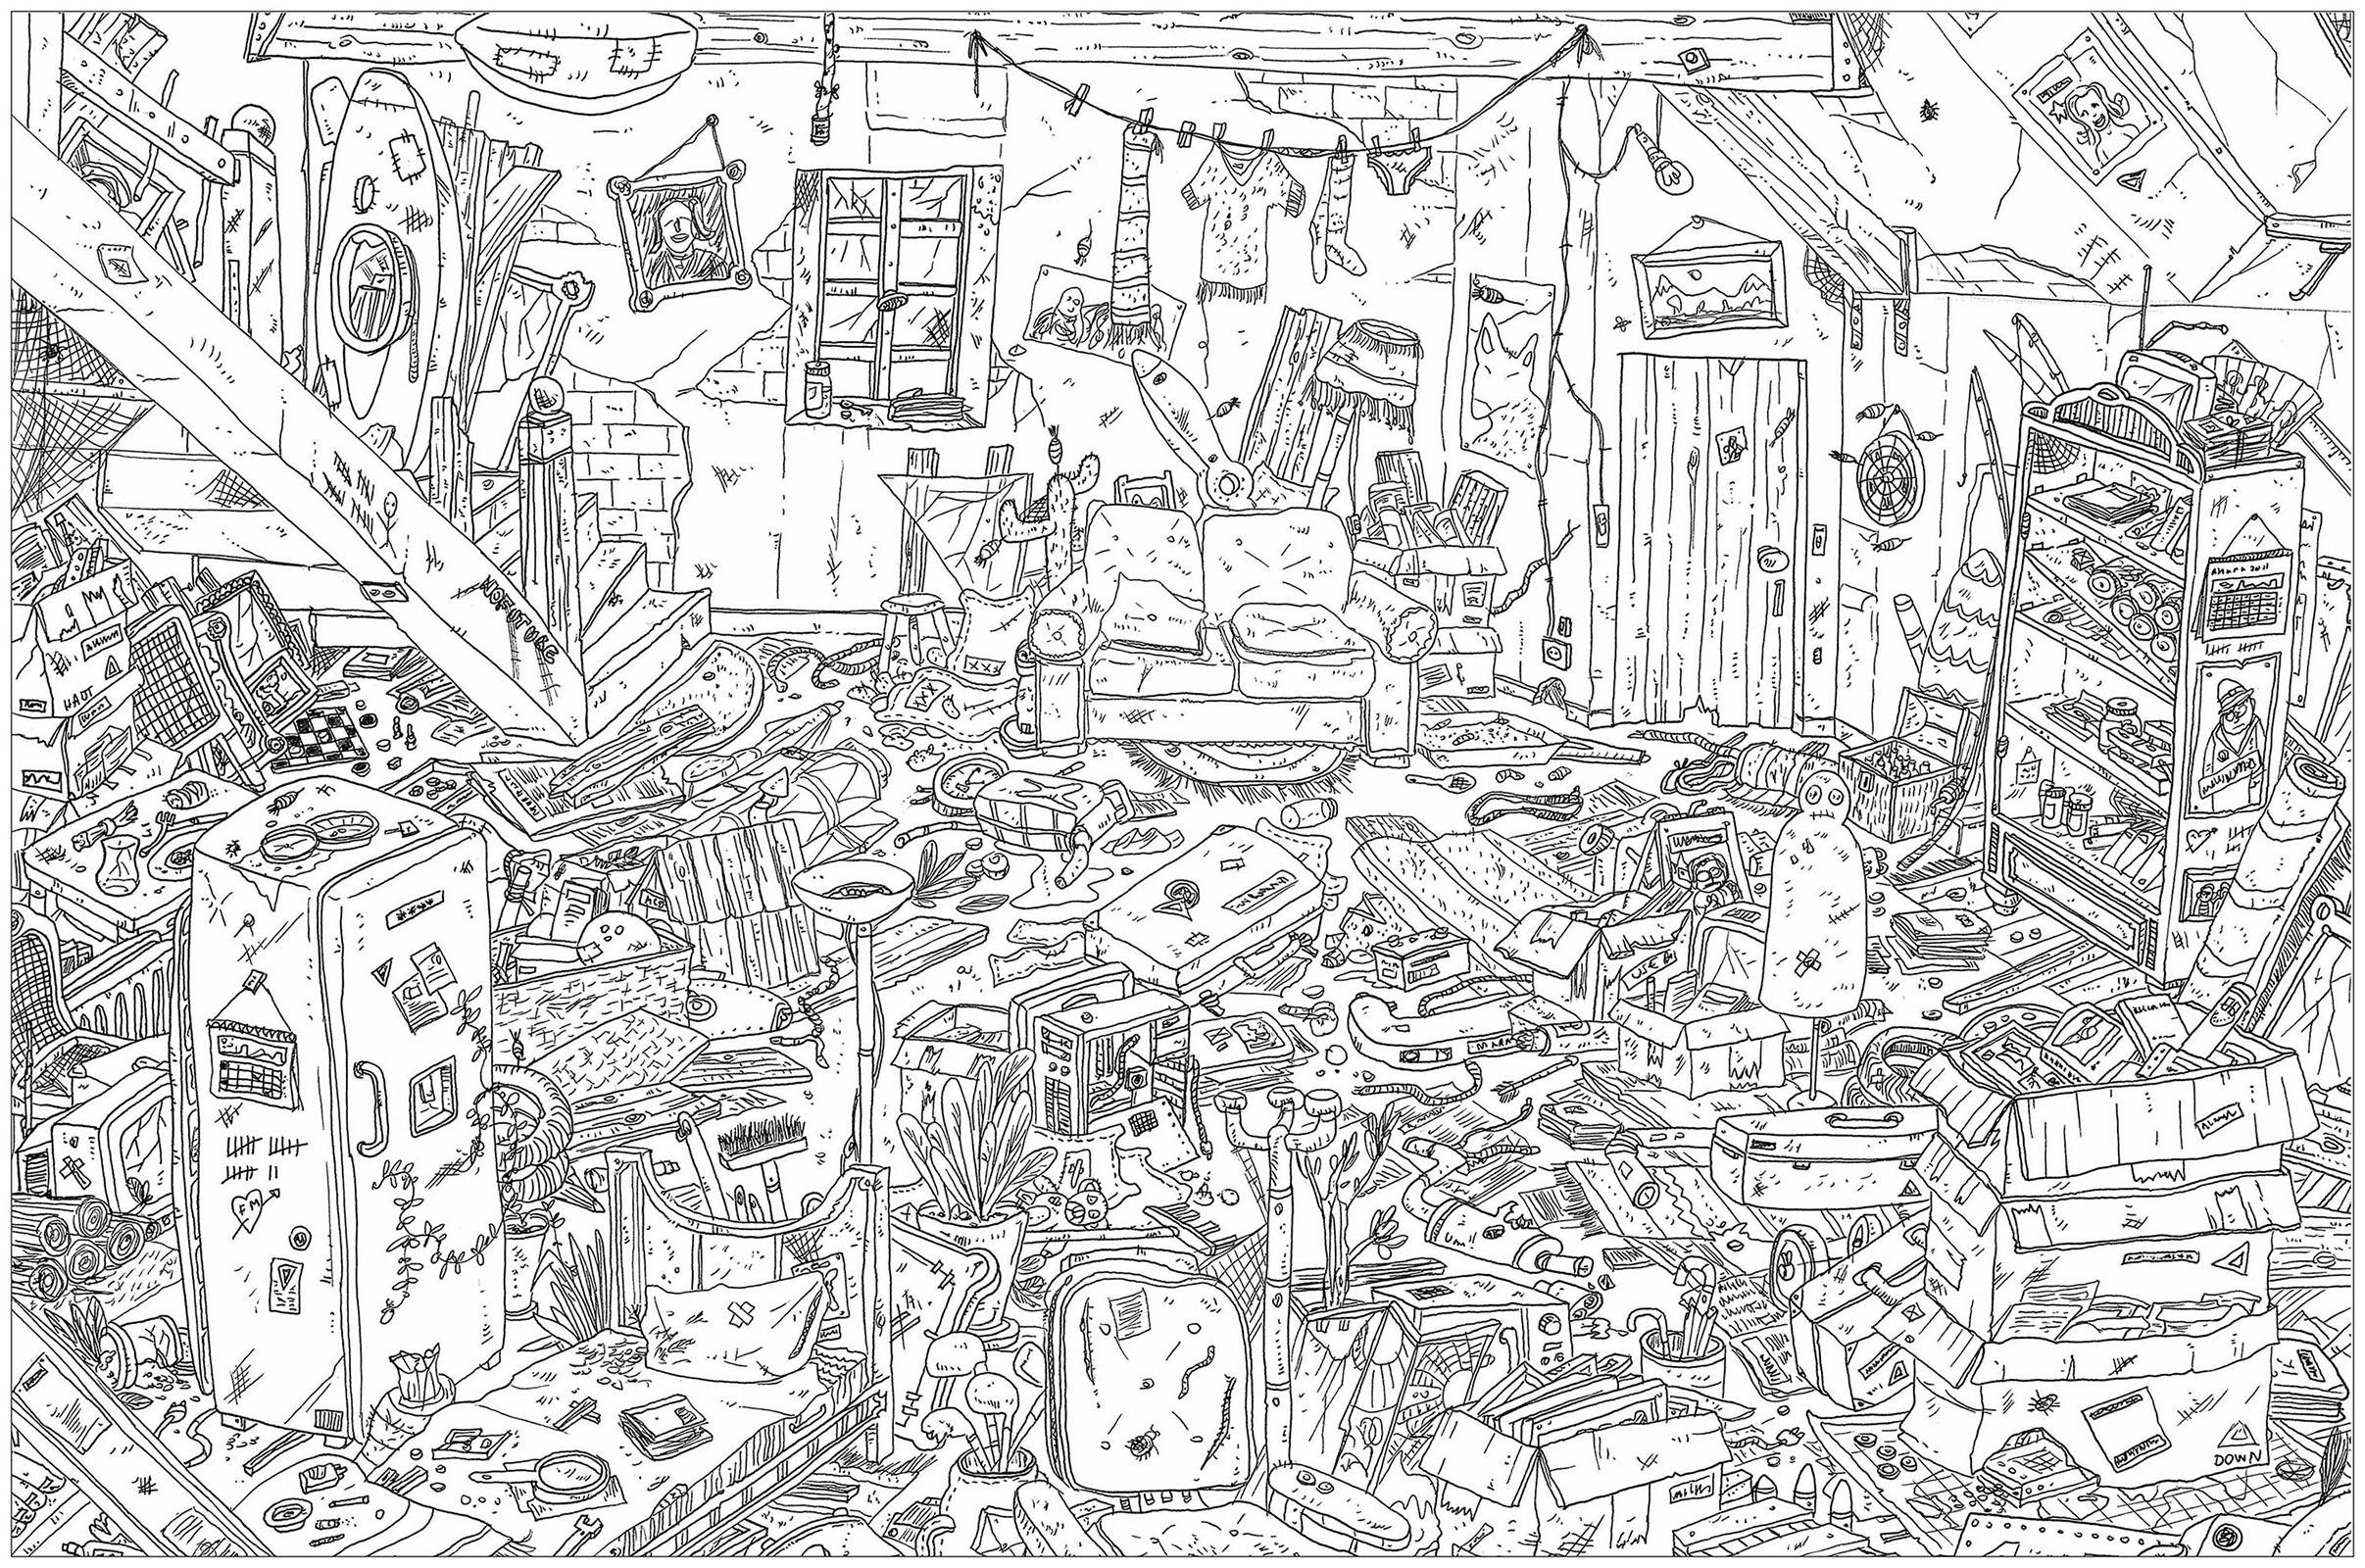 'Le grenier', un coloriage au style très 'Où est Charlie ?'